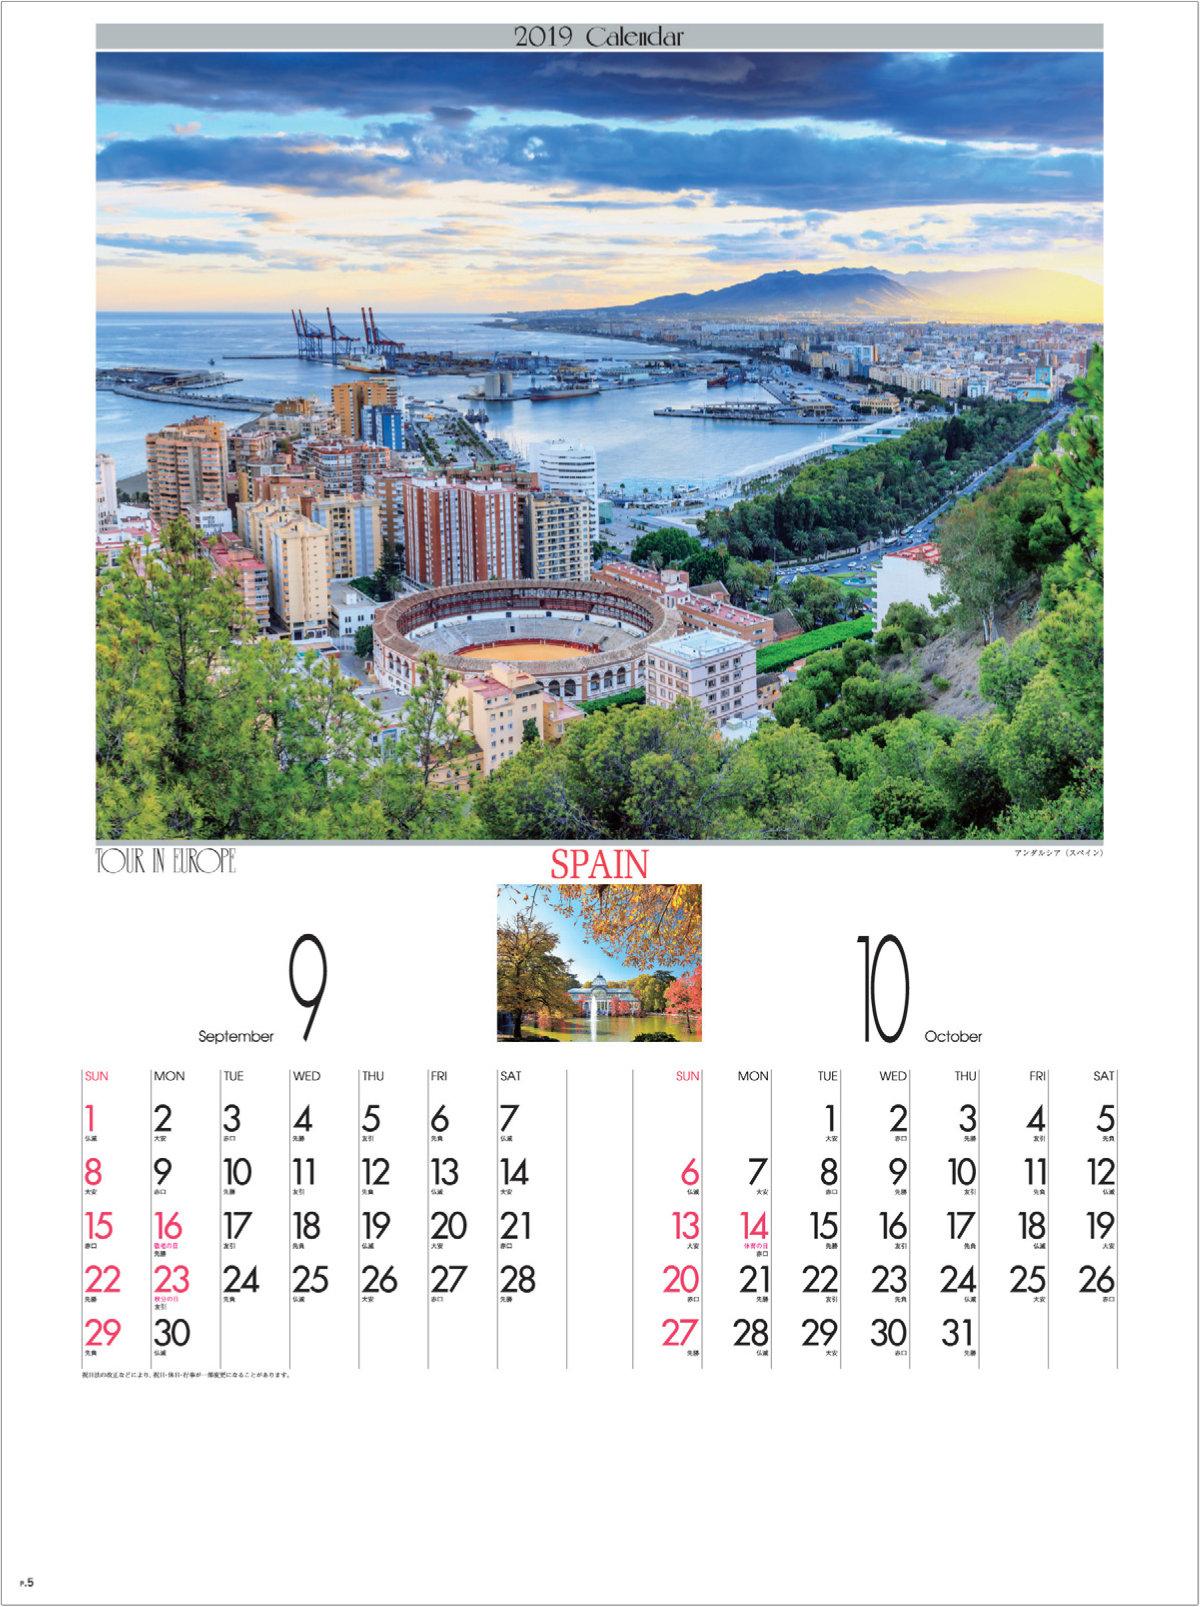 画像:人気観光地 アンダルシア(スペイン) ヨーロッパの旅 2019年カレンダー